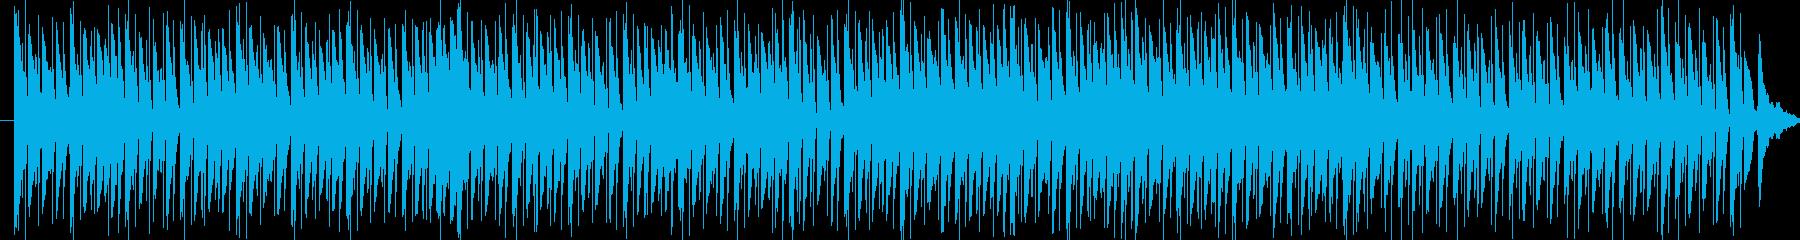 リズミカルでコミカルな行進曲の再生済みの波形